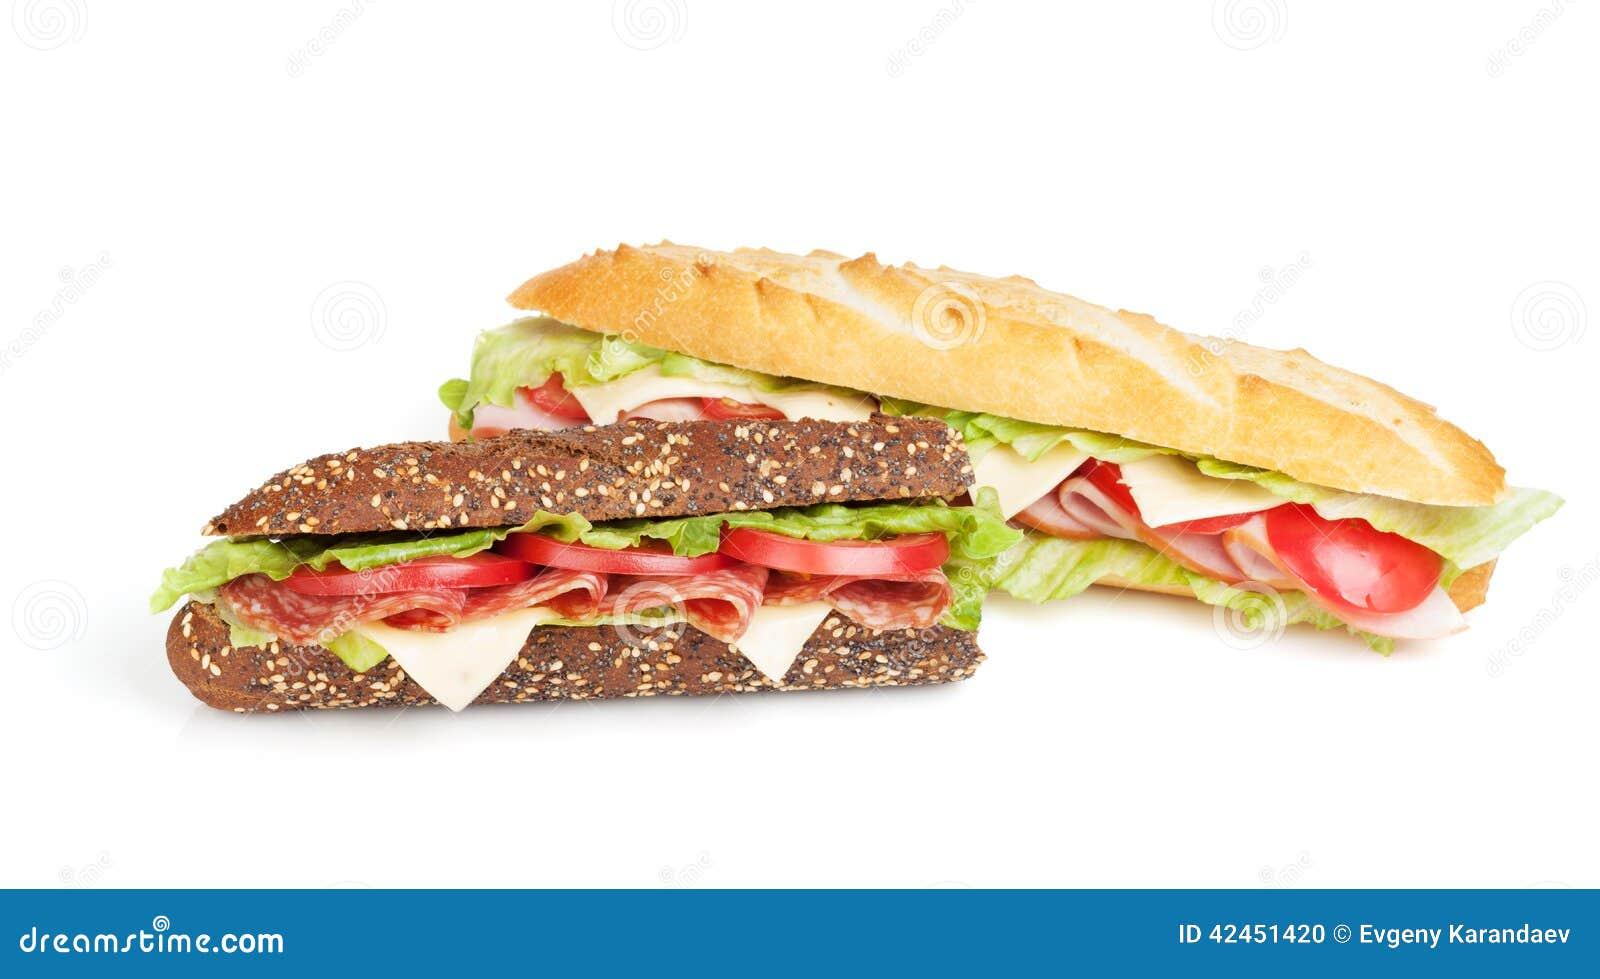 Frische Sandwiche mit Fleisch und Gemüse